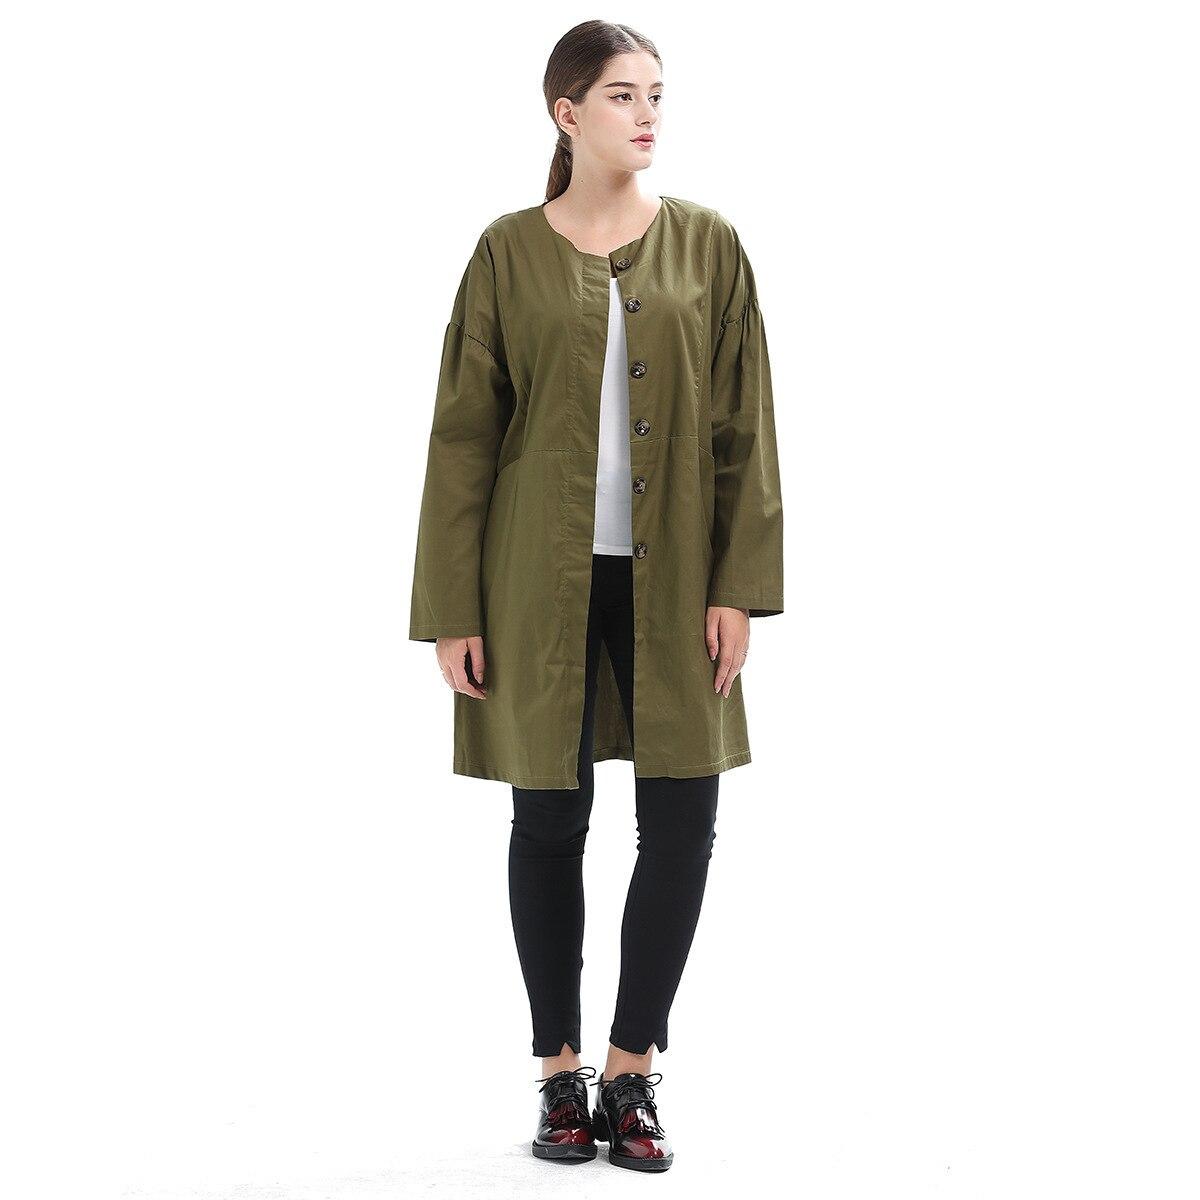 6a83d0fbec24cd 2018-Printemps-Nouveau-Mod-le-Costume-robe-Col-Rond-Solide-Couleur-Facile-Invisible-Boucle-Coupe-Vent.jpg